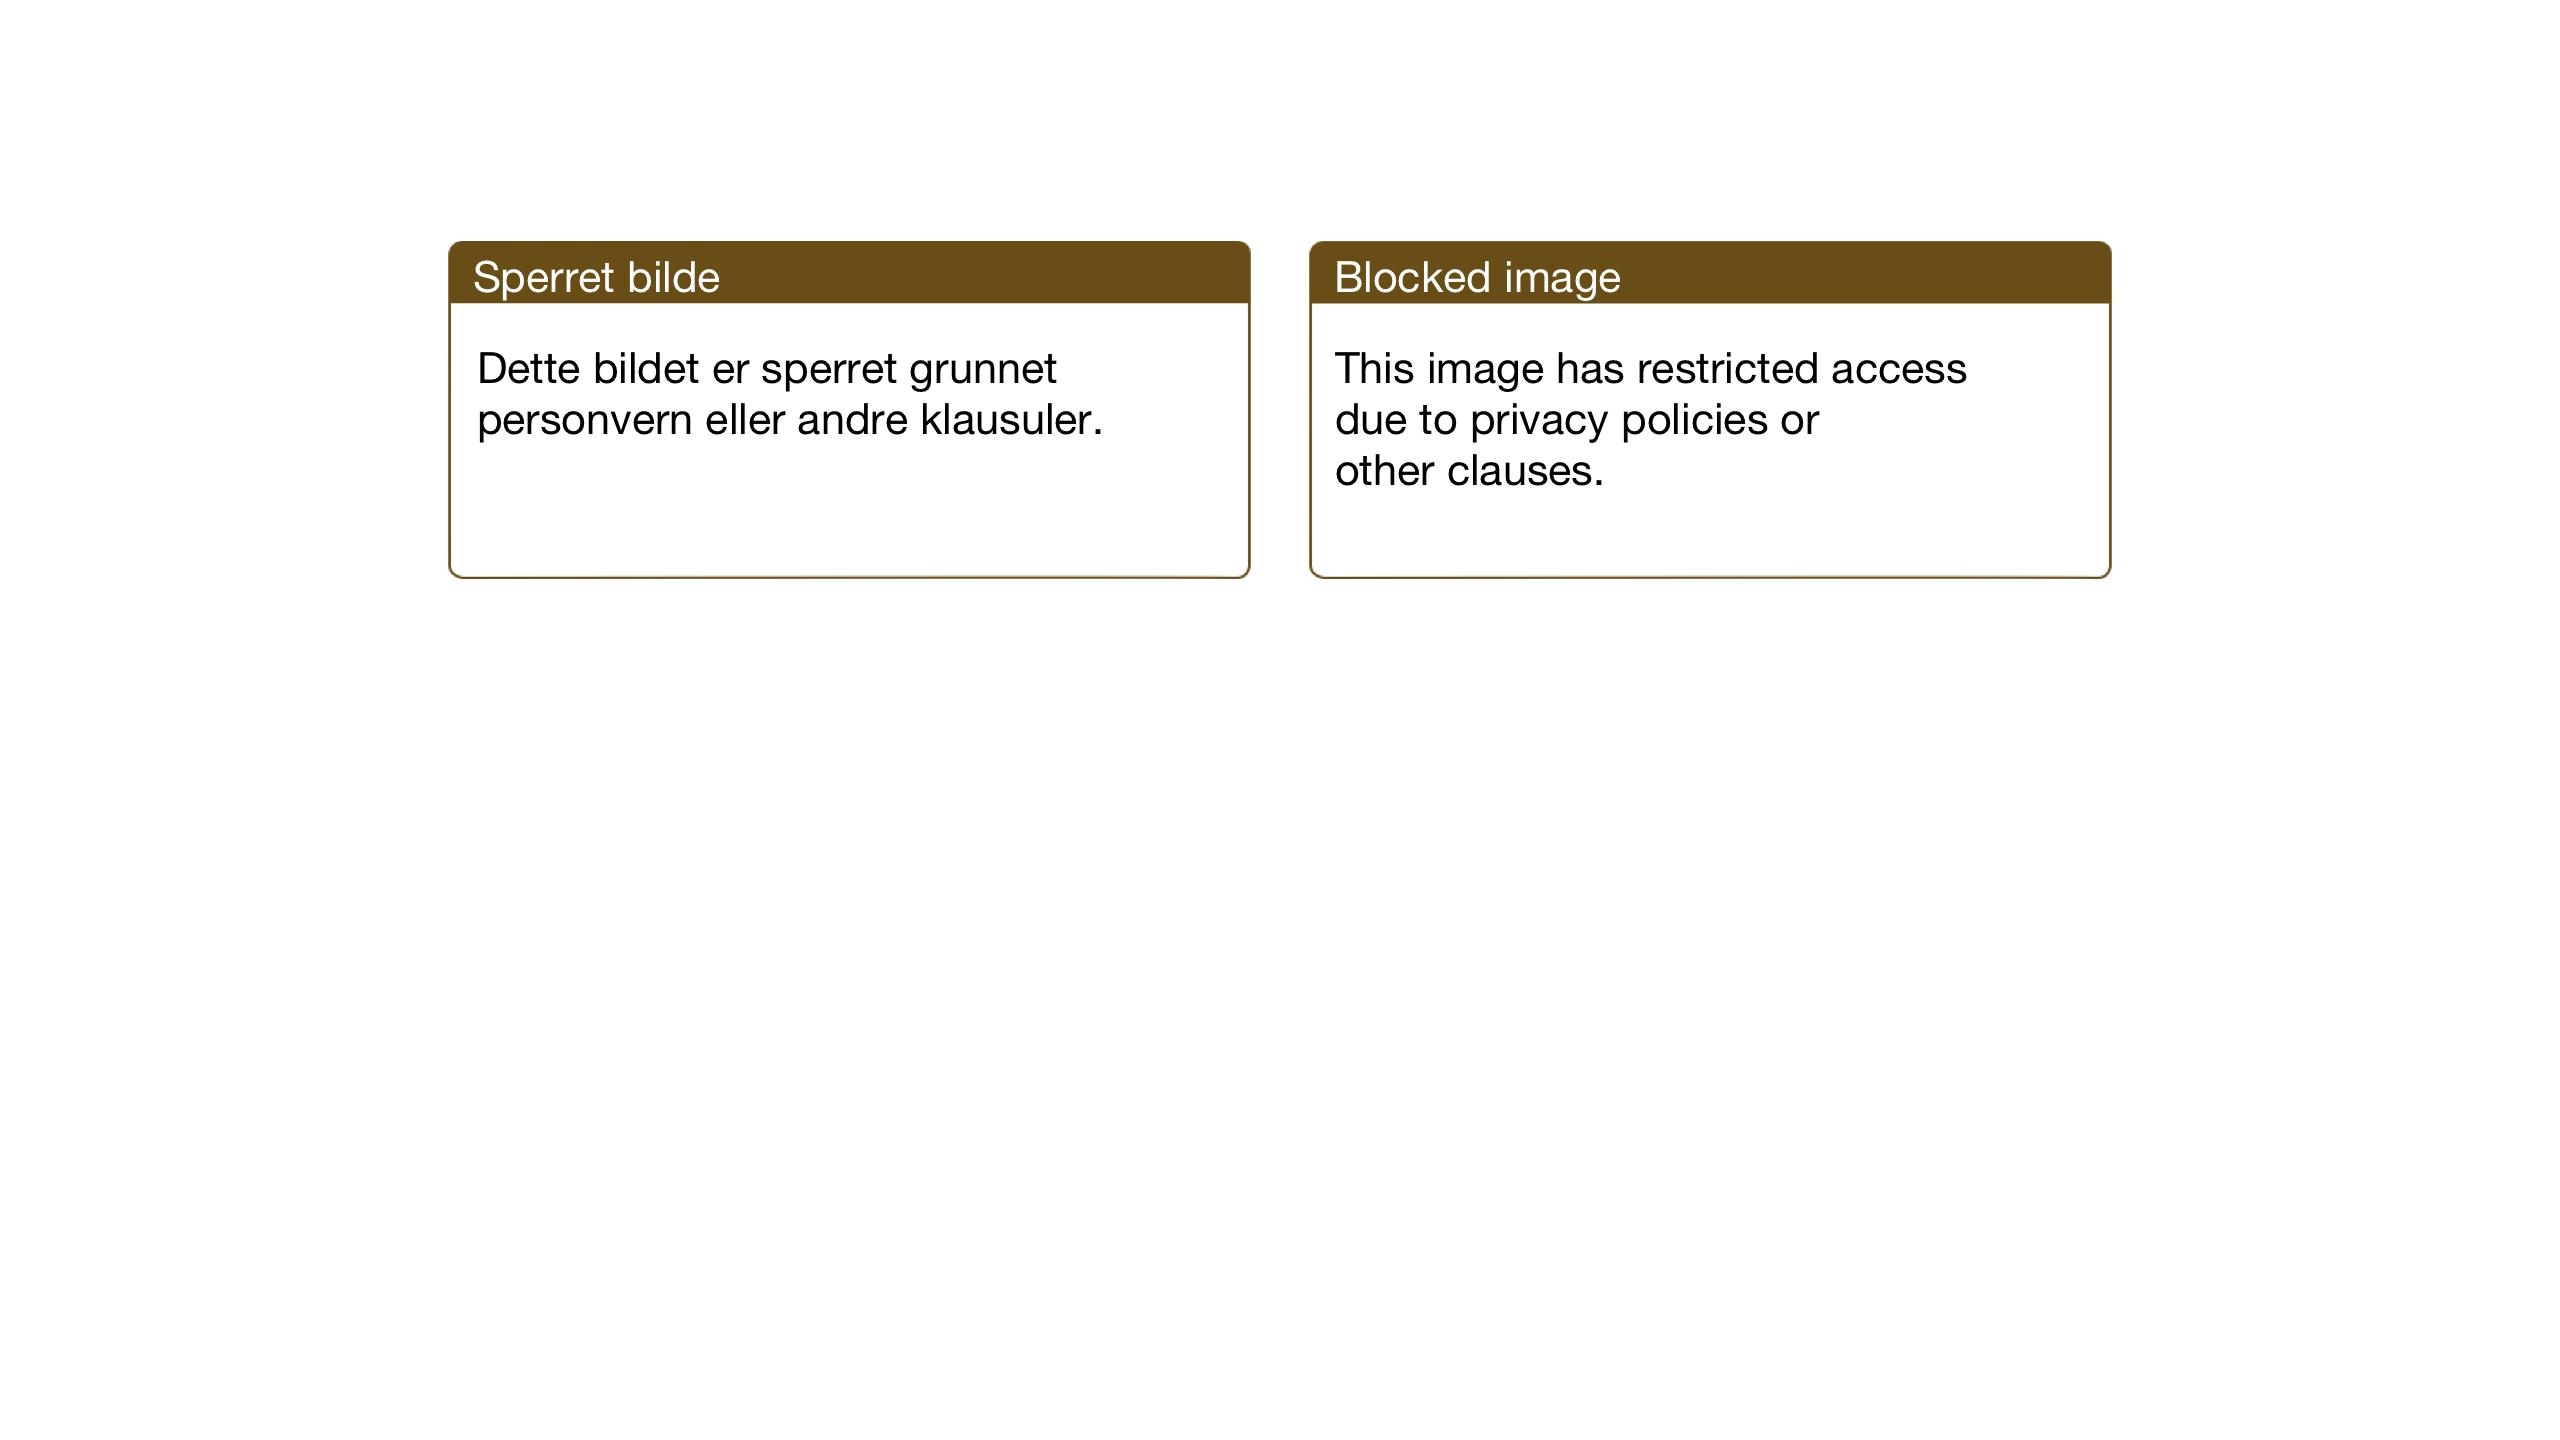 SAT, Ministerialprotokoller, klokkerbøker og fødselsregistre - Nord-Trøndelag, 722/L0227: Klokkerbok nr. 722C03, 1928-1958, s. 64